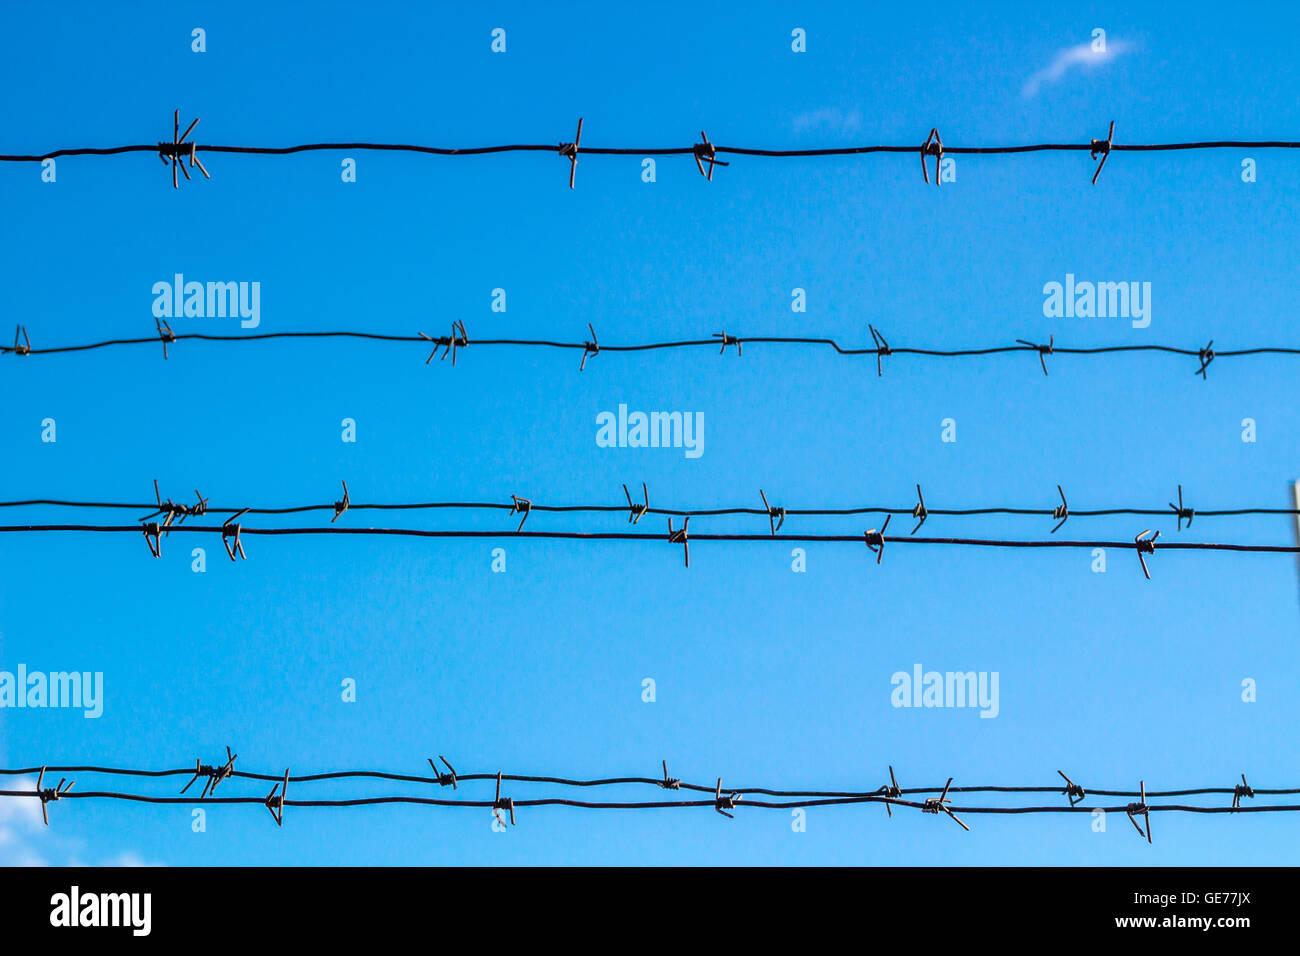 Jail Music Stock Photos & Jail Music Stock Images - Alamy